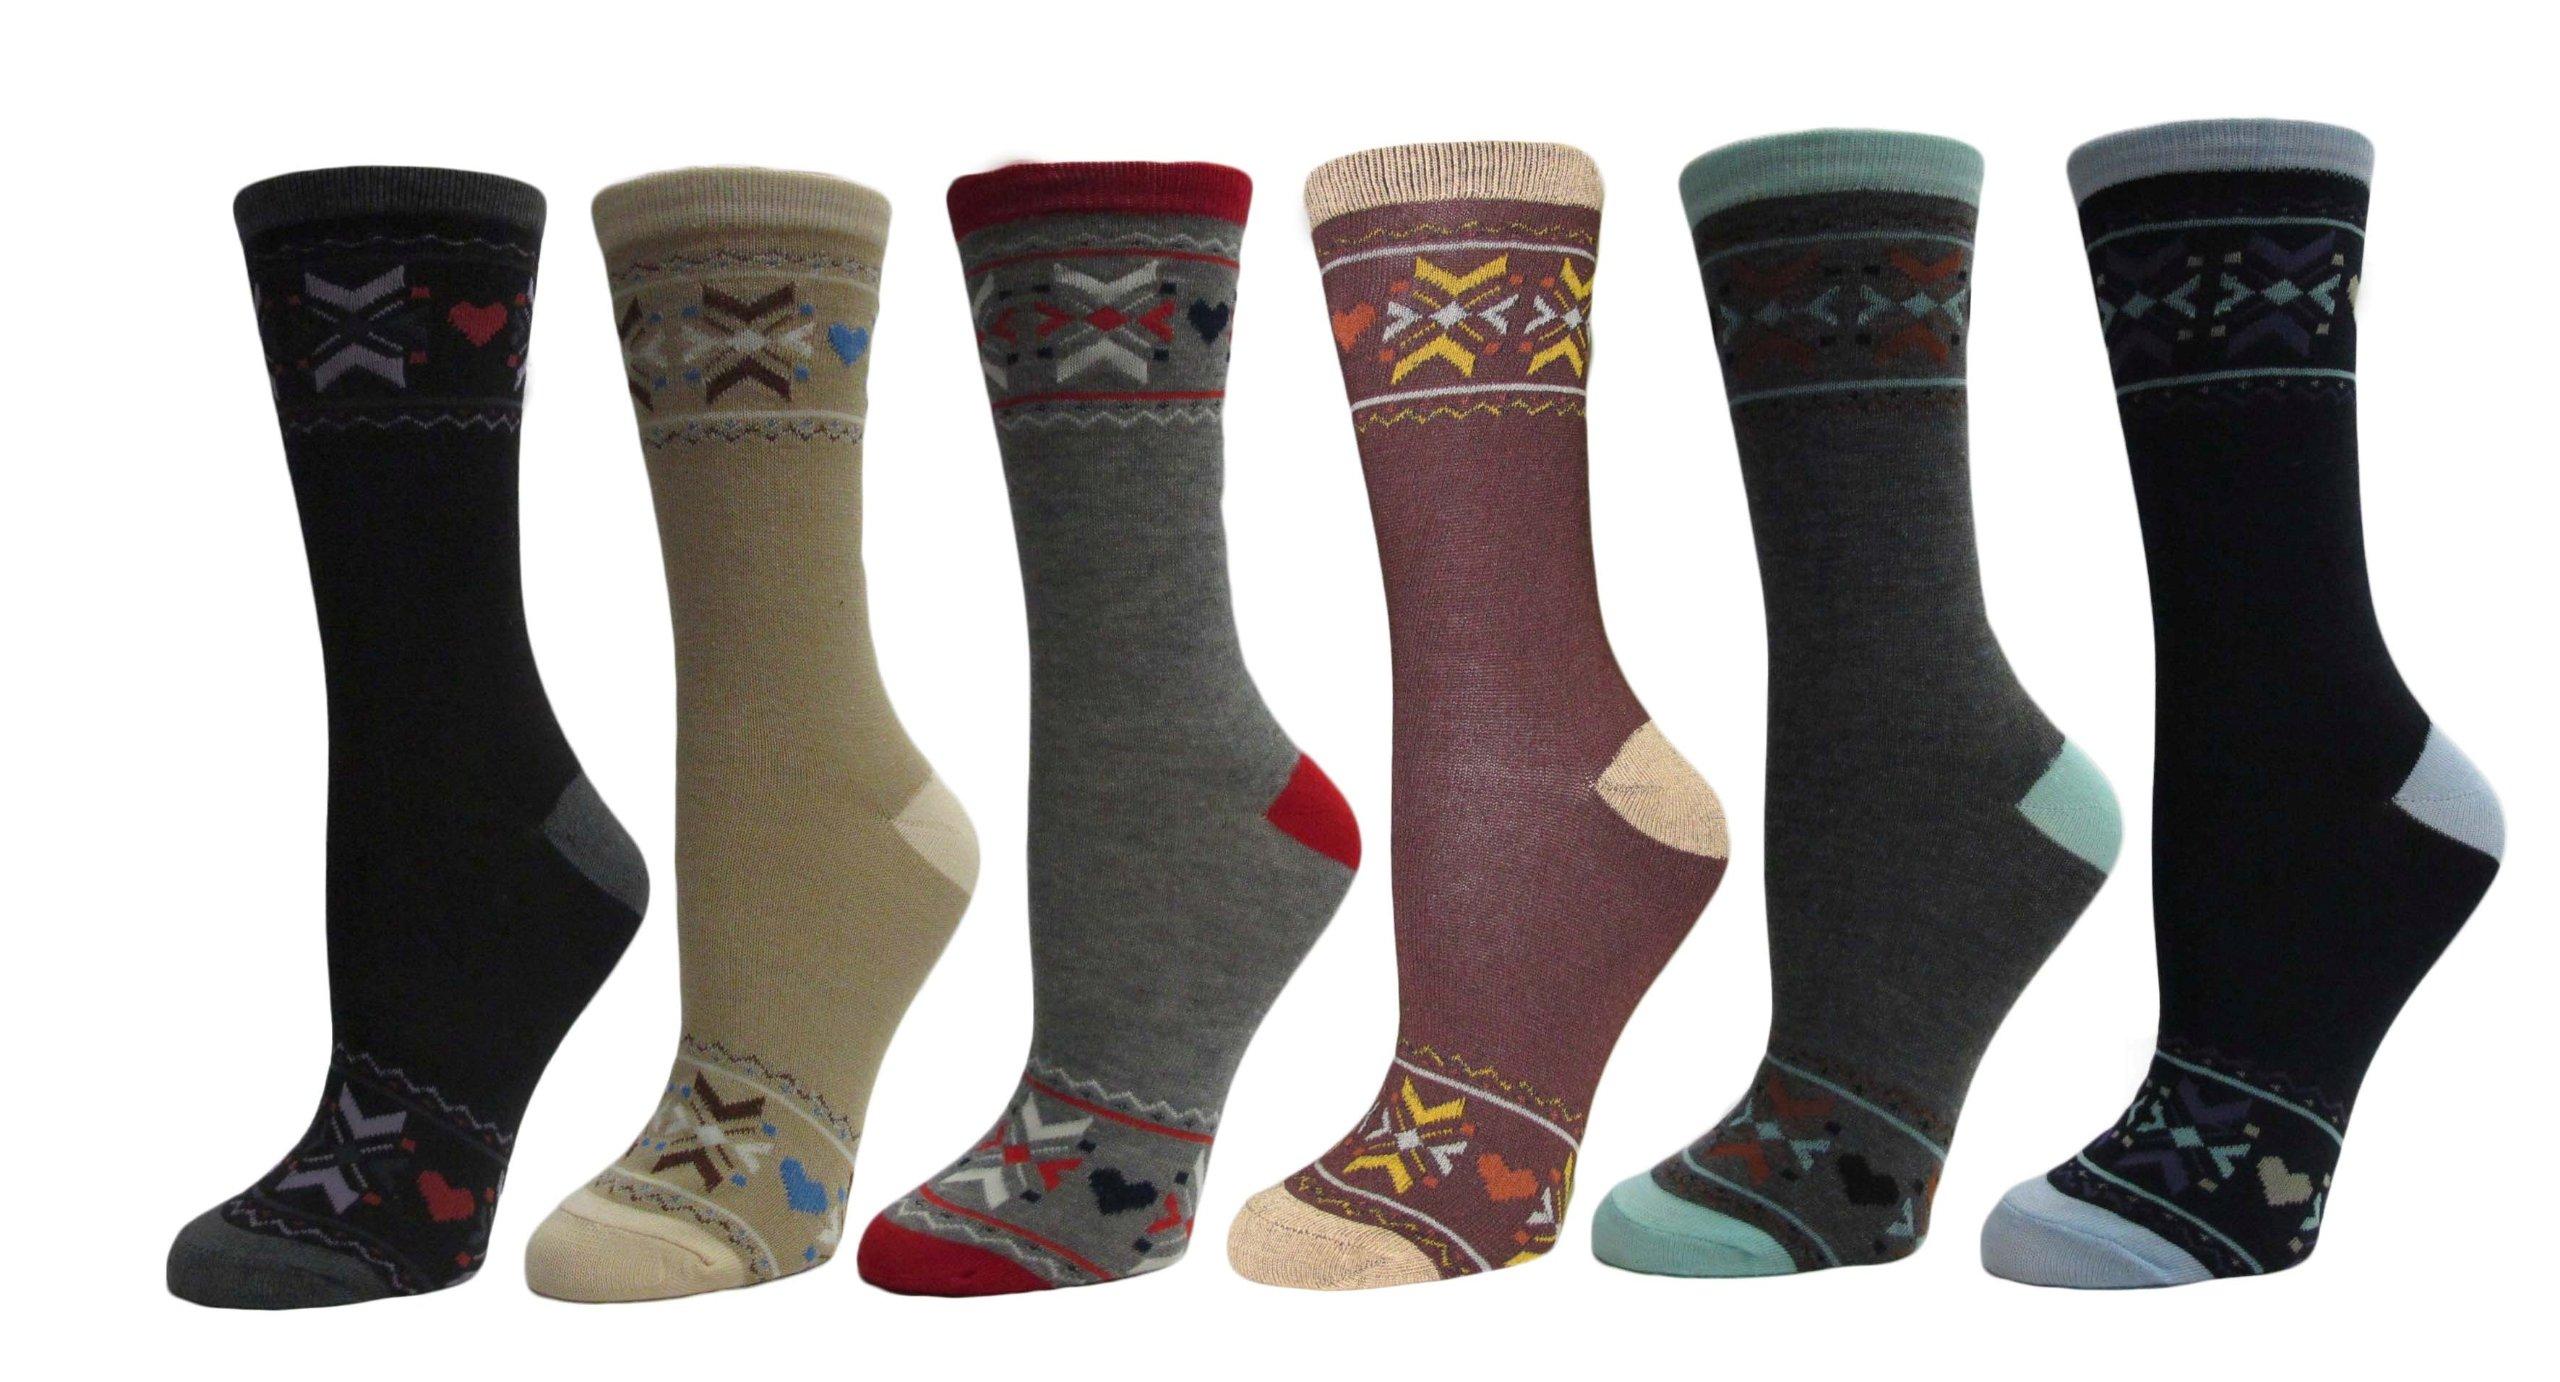 Gilbin Women's pattern Dress Crew Socks 6 Pair Size 9-11 (Style 5 Winter) by Gilbin